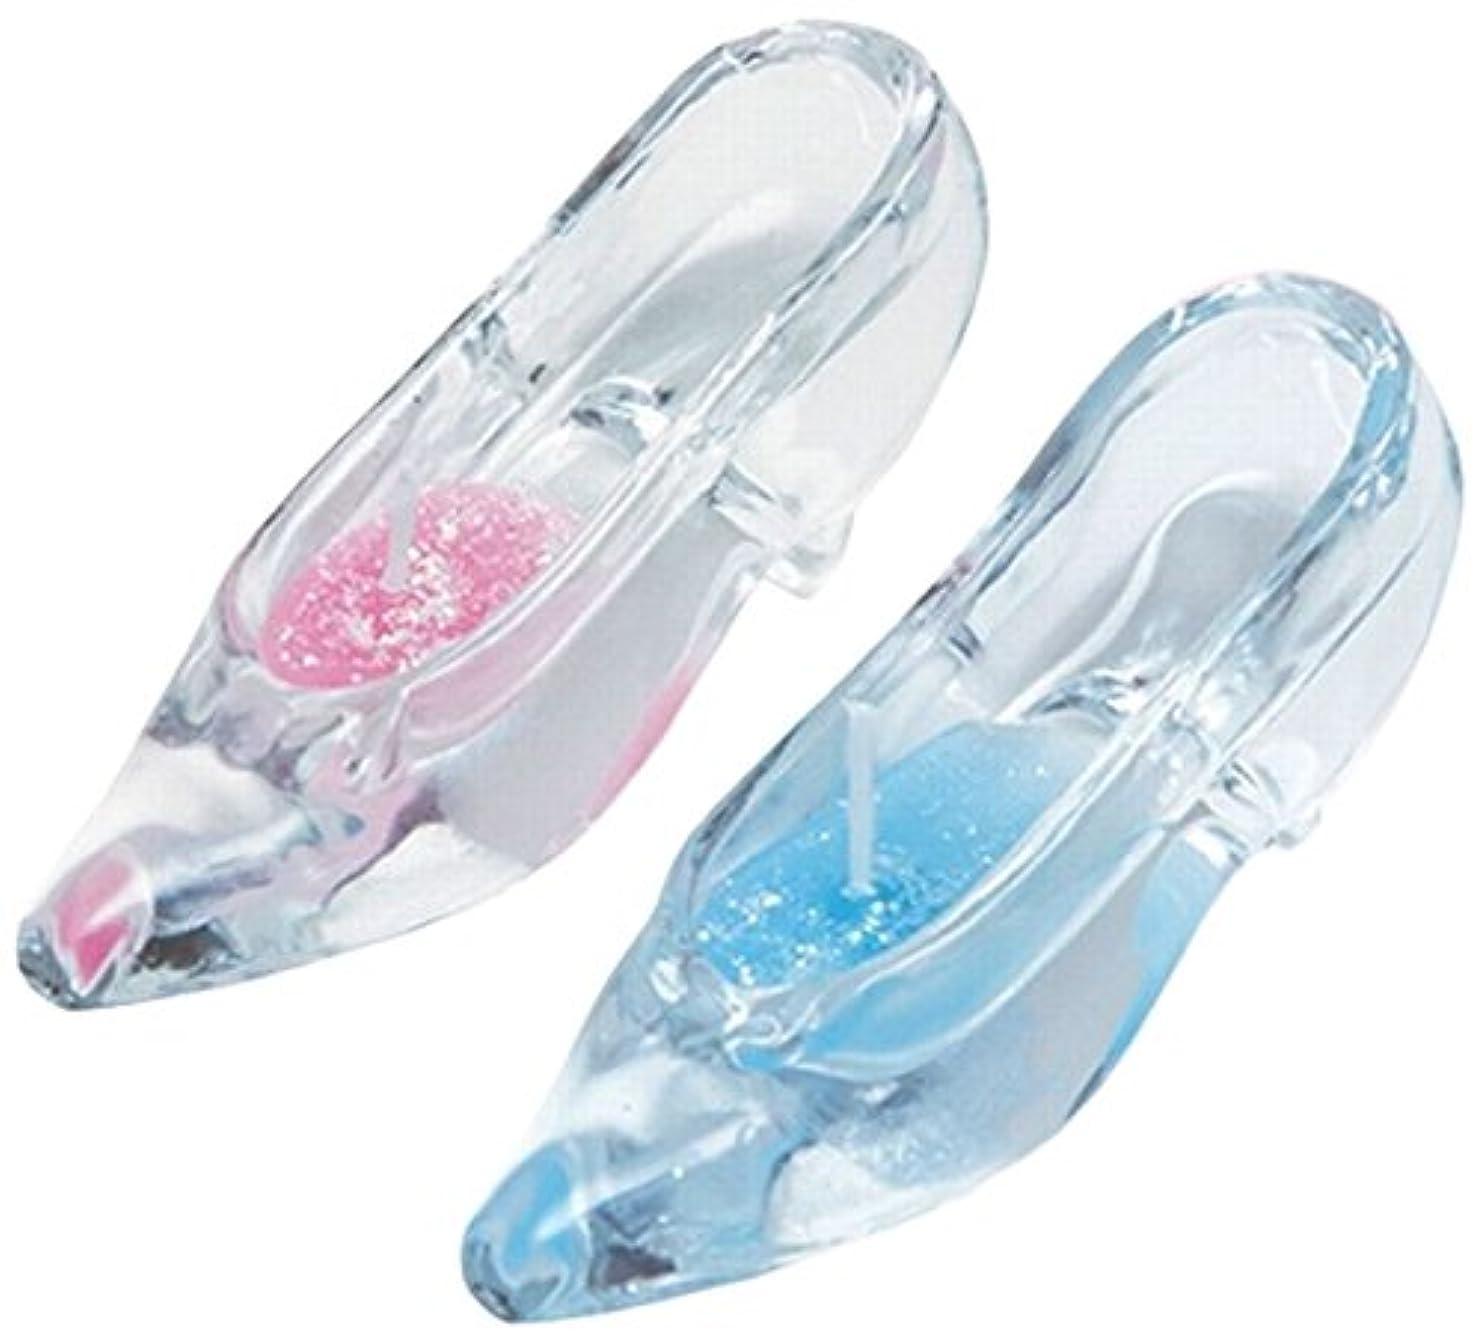 の頭の上ラオス人確かめるガラスの靴セット A7681006